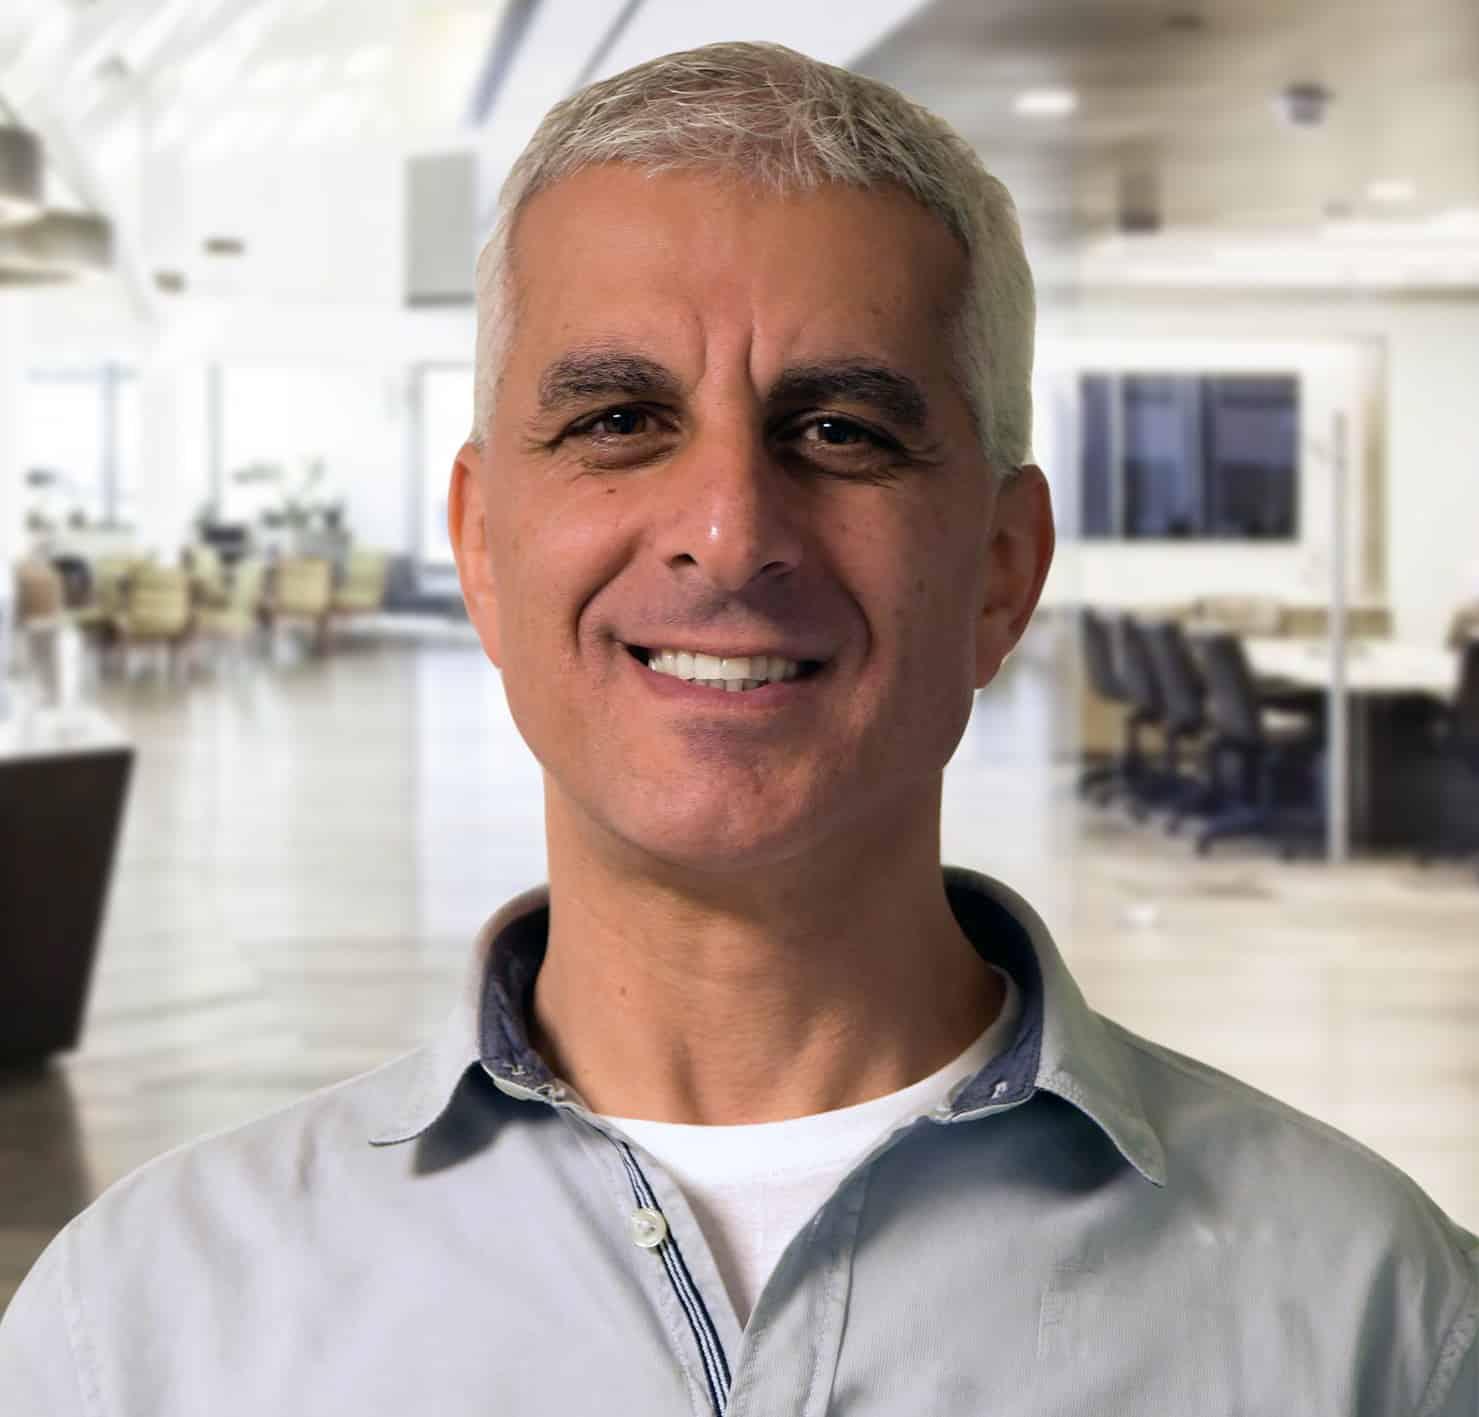 דניאל בן עטר מנכל משותף של כל מפעלי הייצור של אינטל